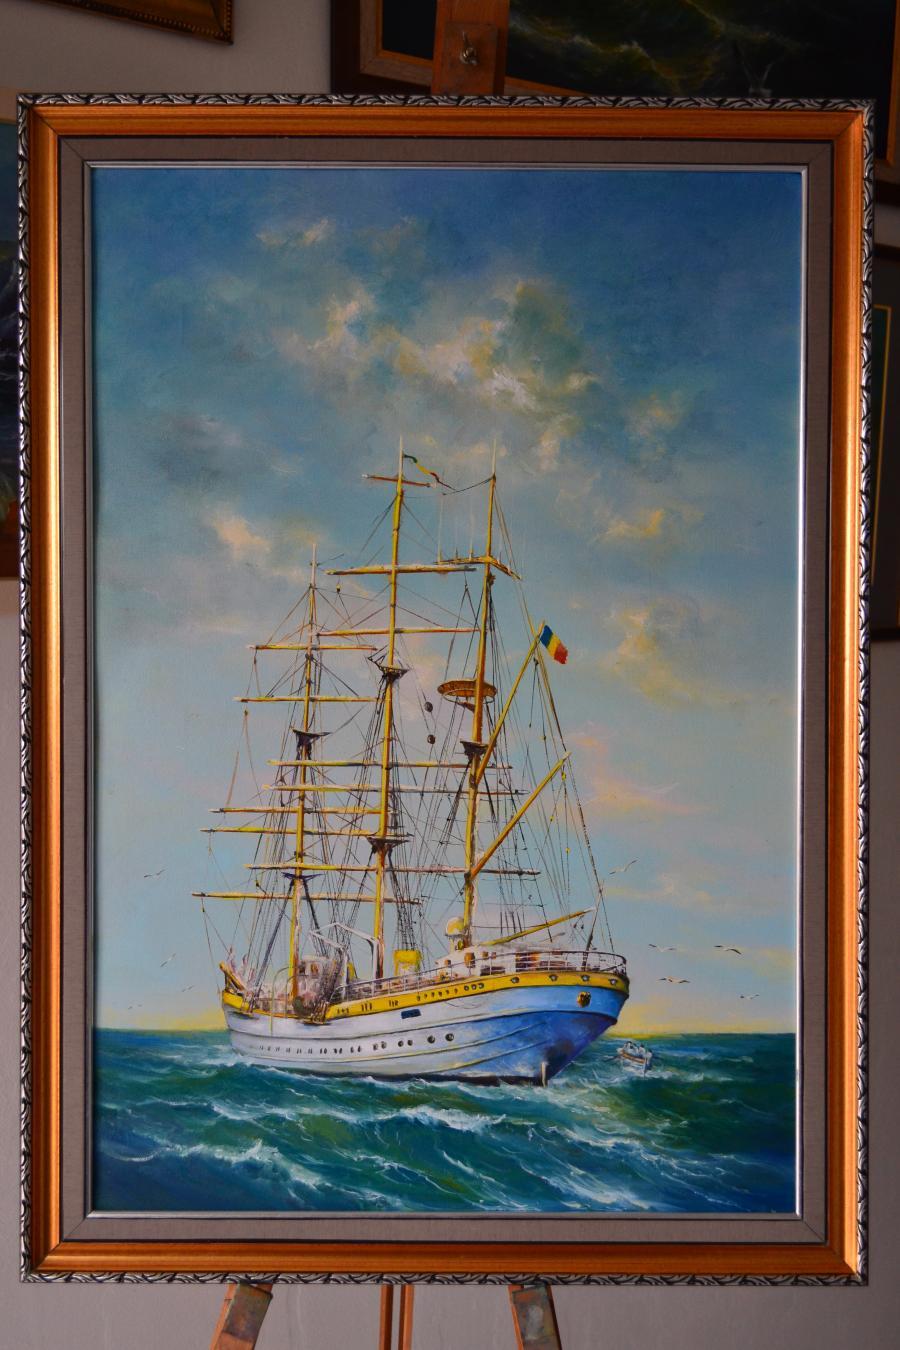 Picturi maritime navale Bricul  Mircea nava scoala